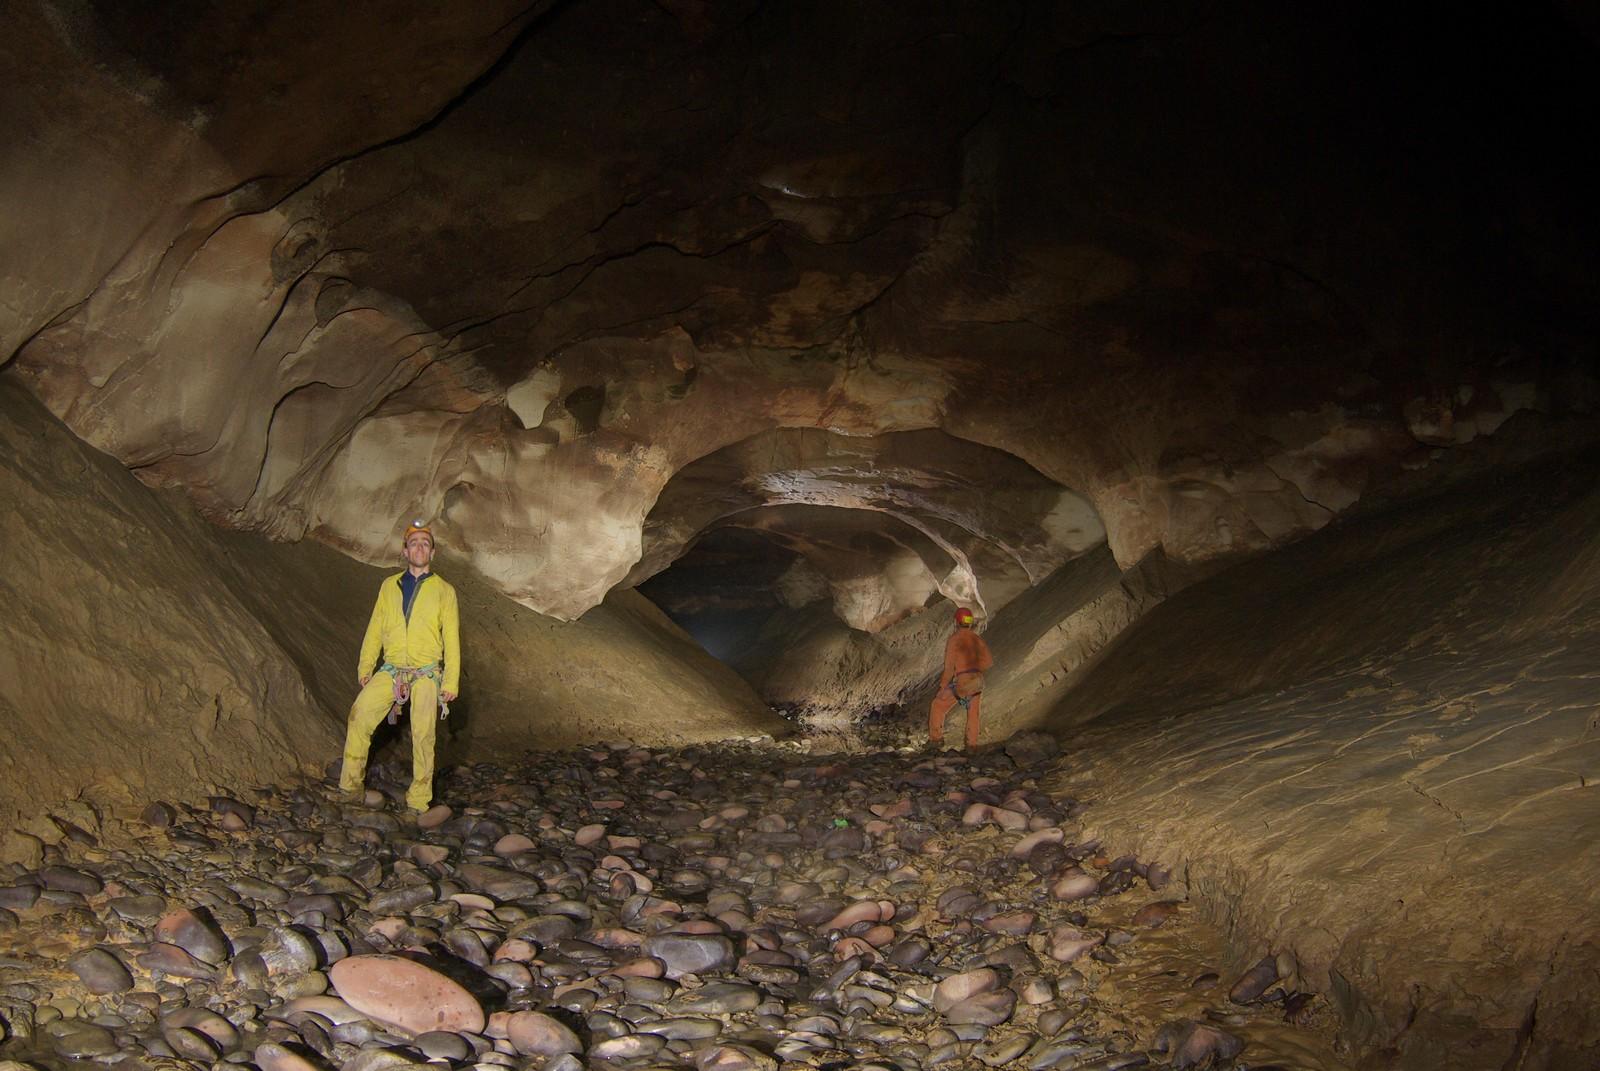 Shaowandong la principale grotta esplorata durante la spedizione (foto Marc Faverjon)